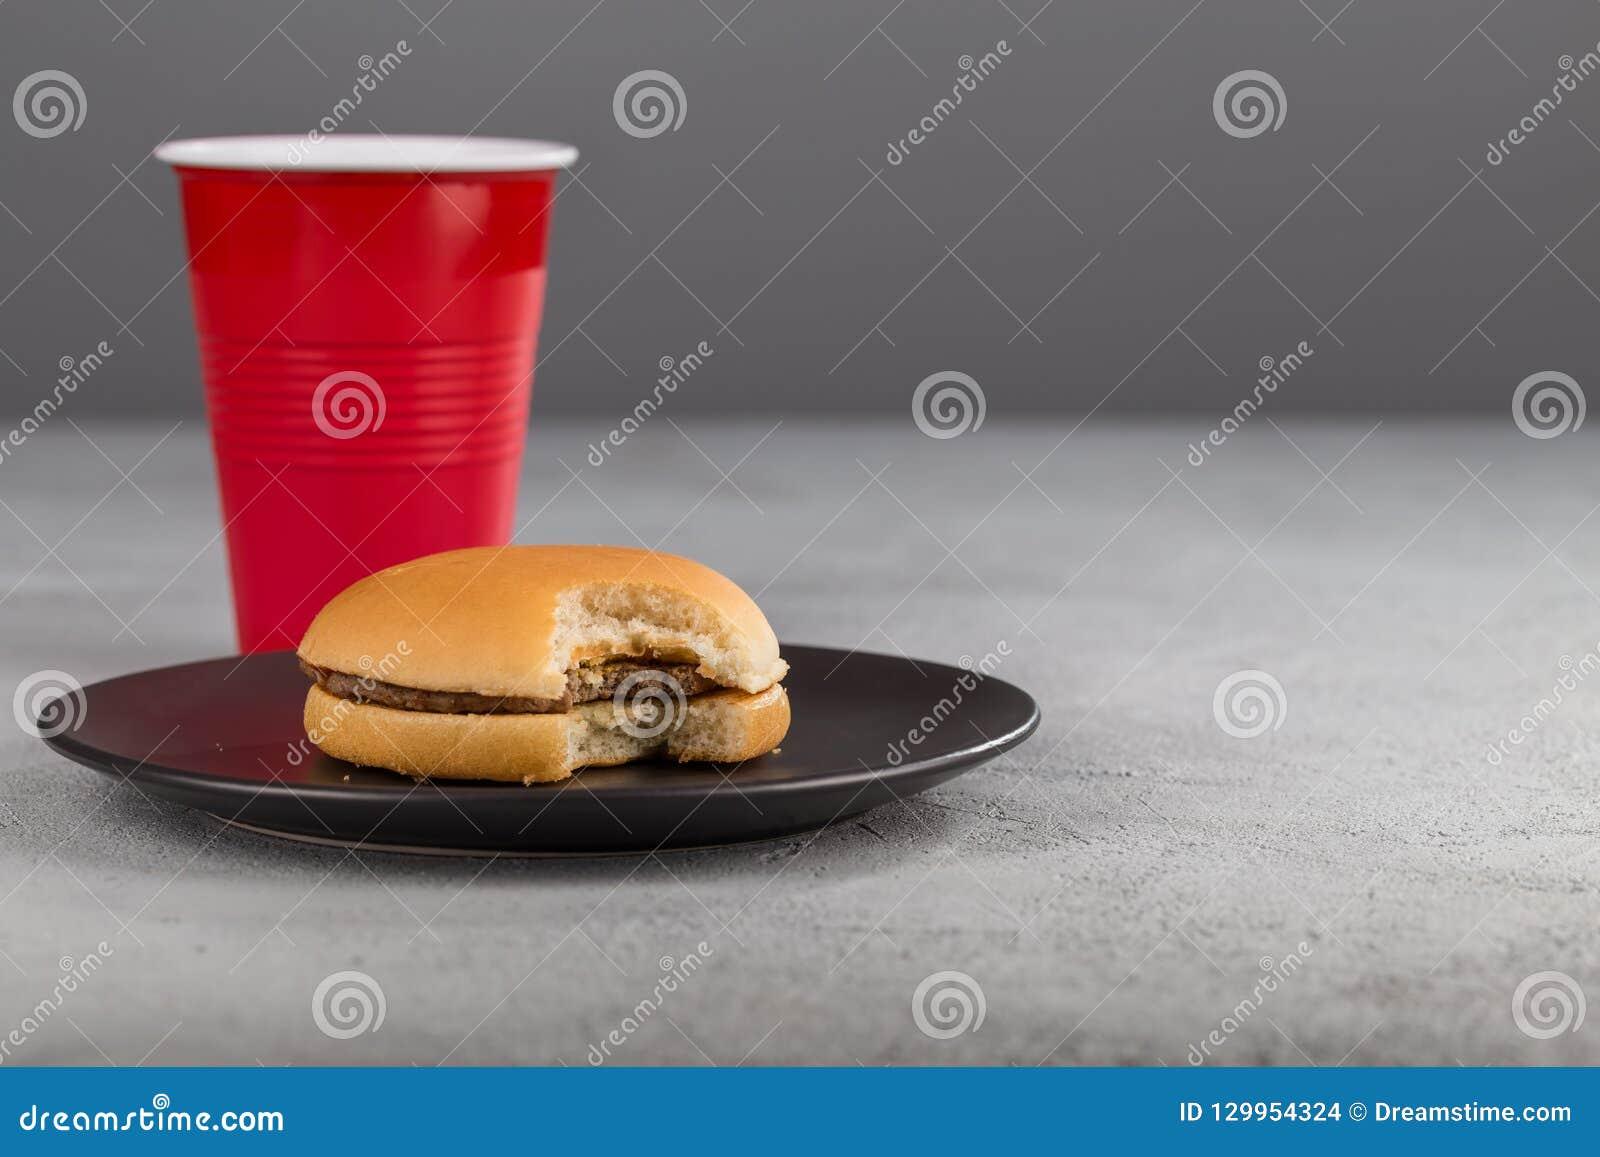 Snel voedsel met heerlijke gebeten hamburger op de achtergrond van een rode Kop met een drank